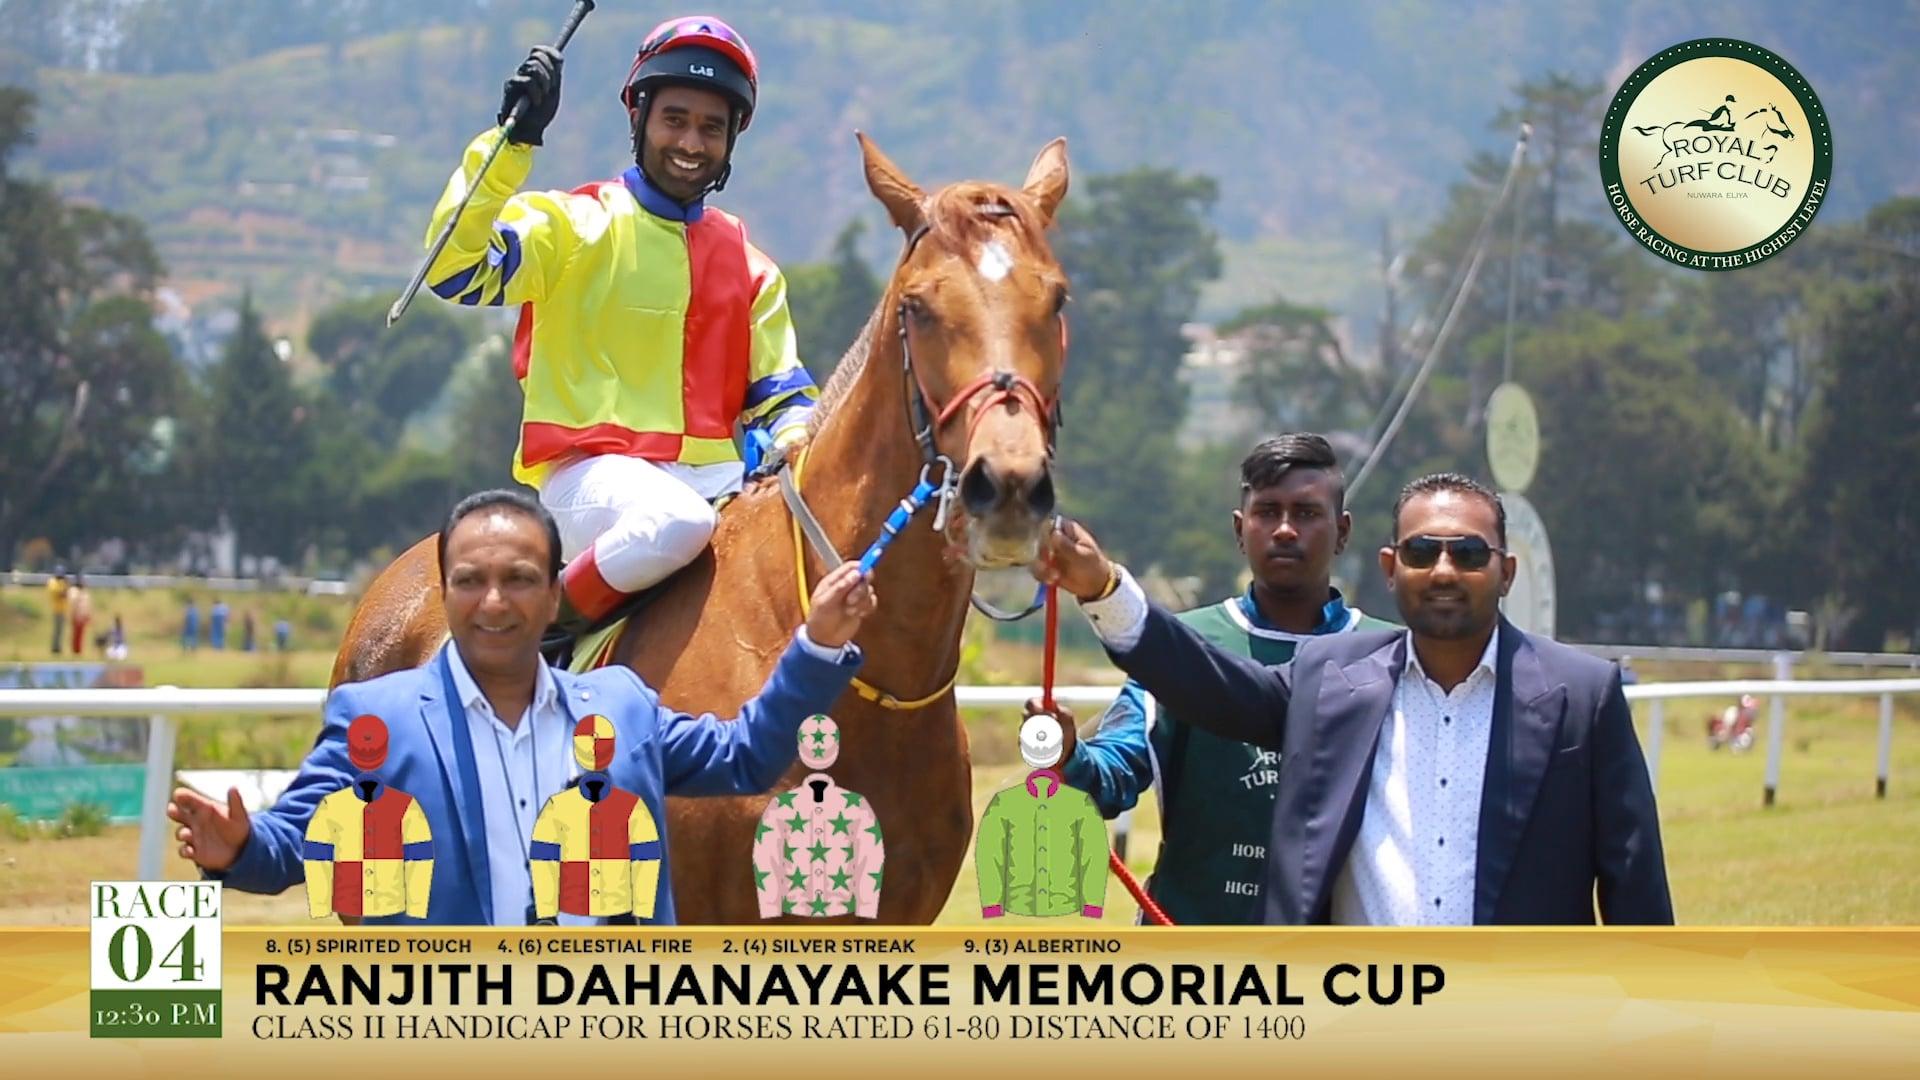 Ranjith Dahanayake Memorial Cup